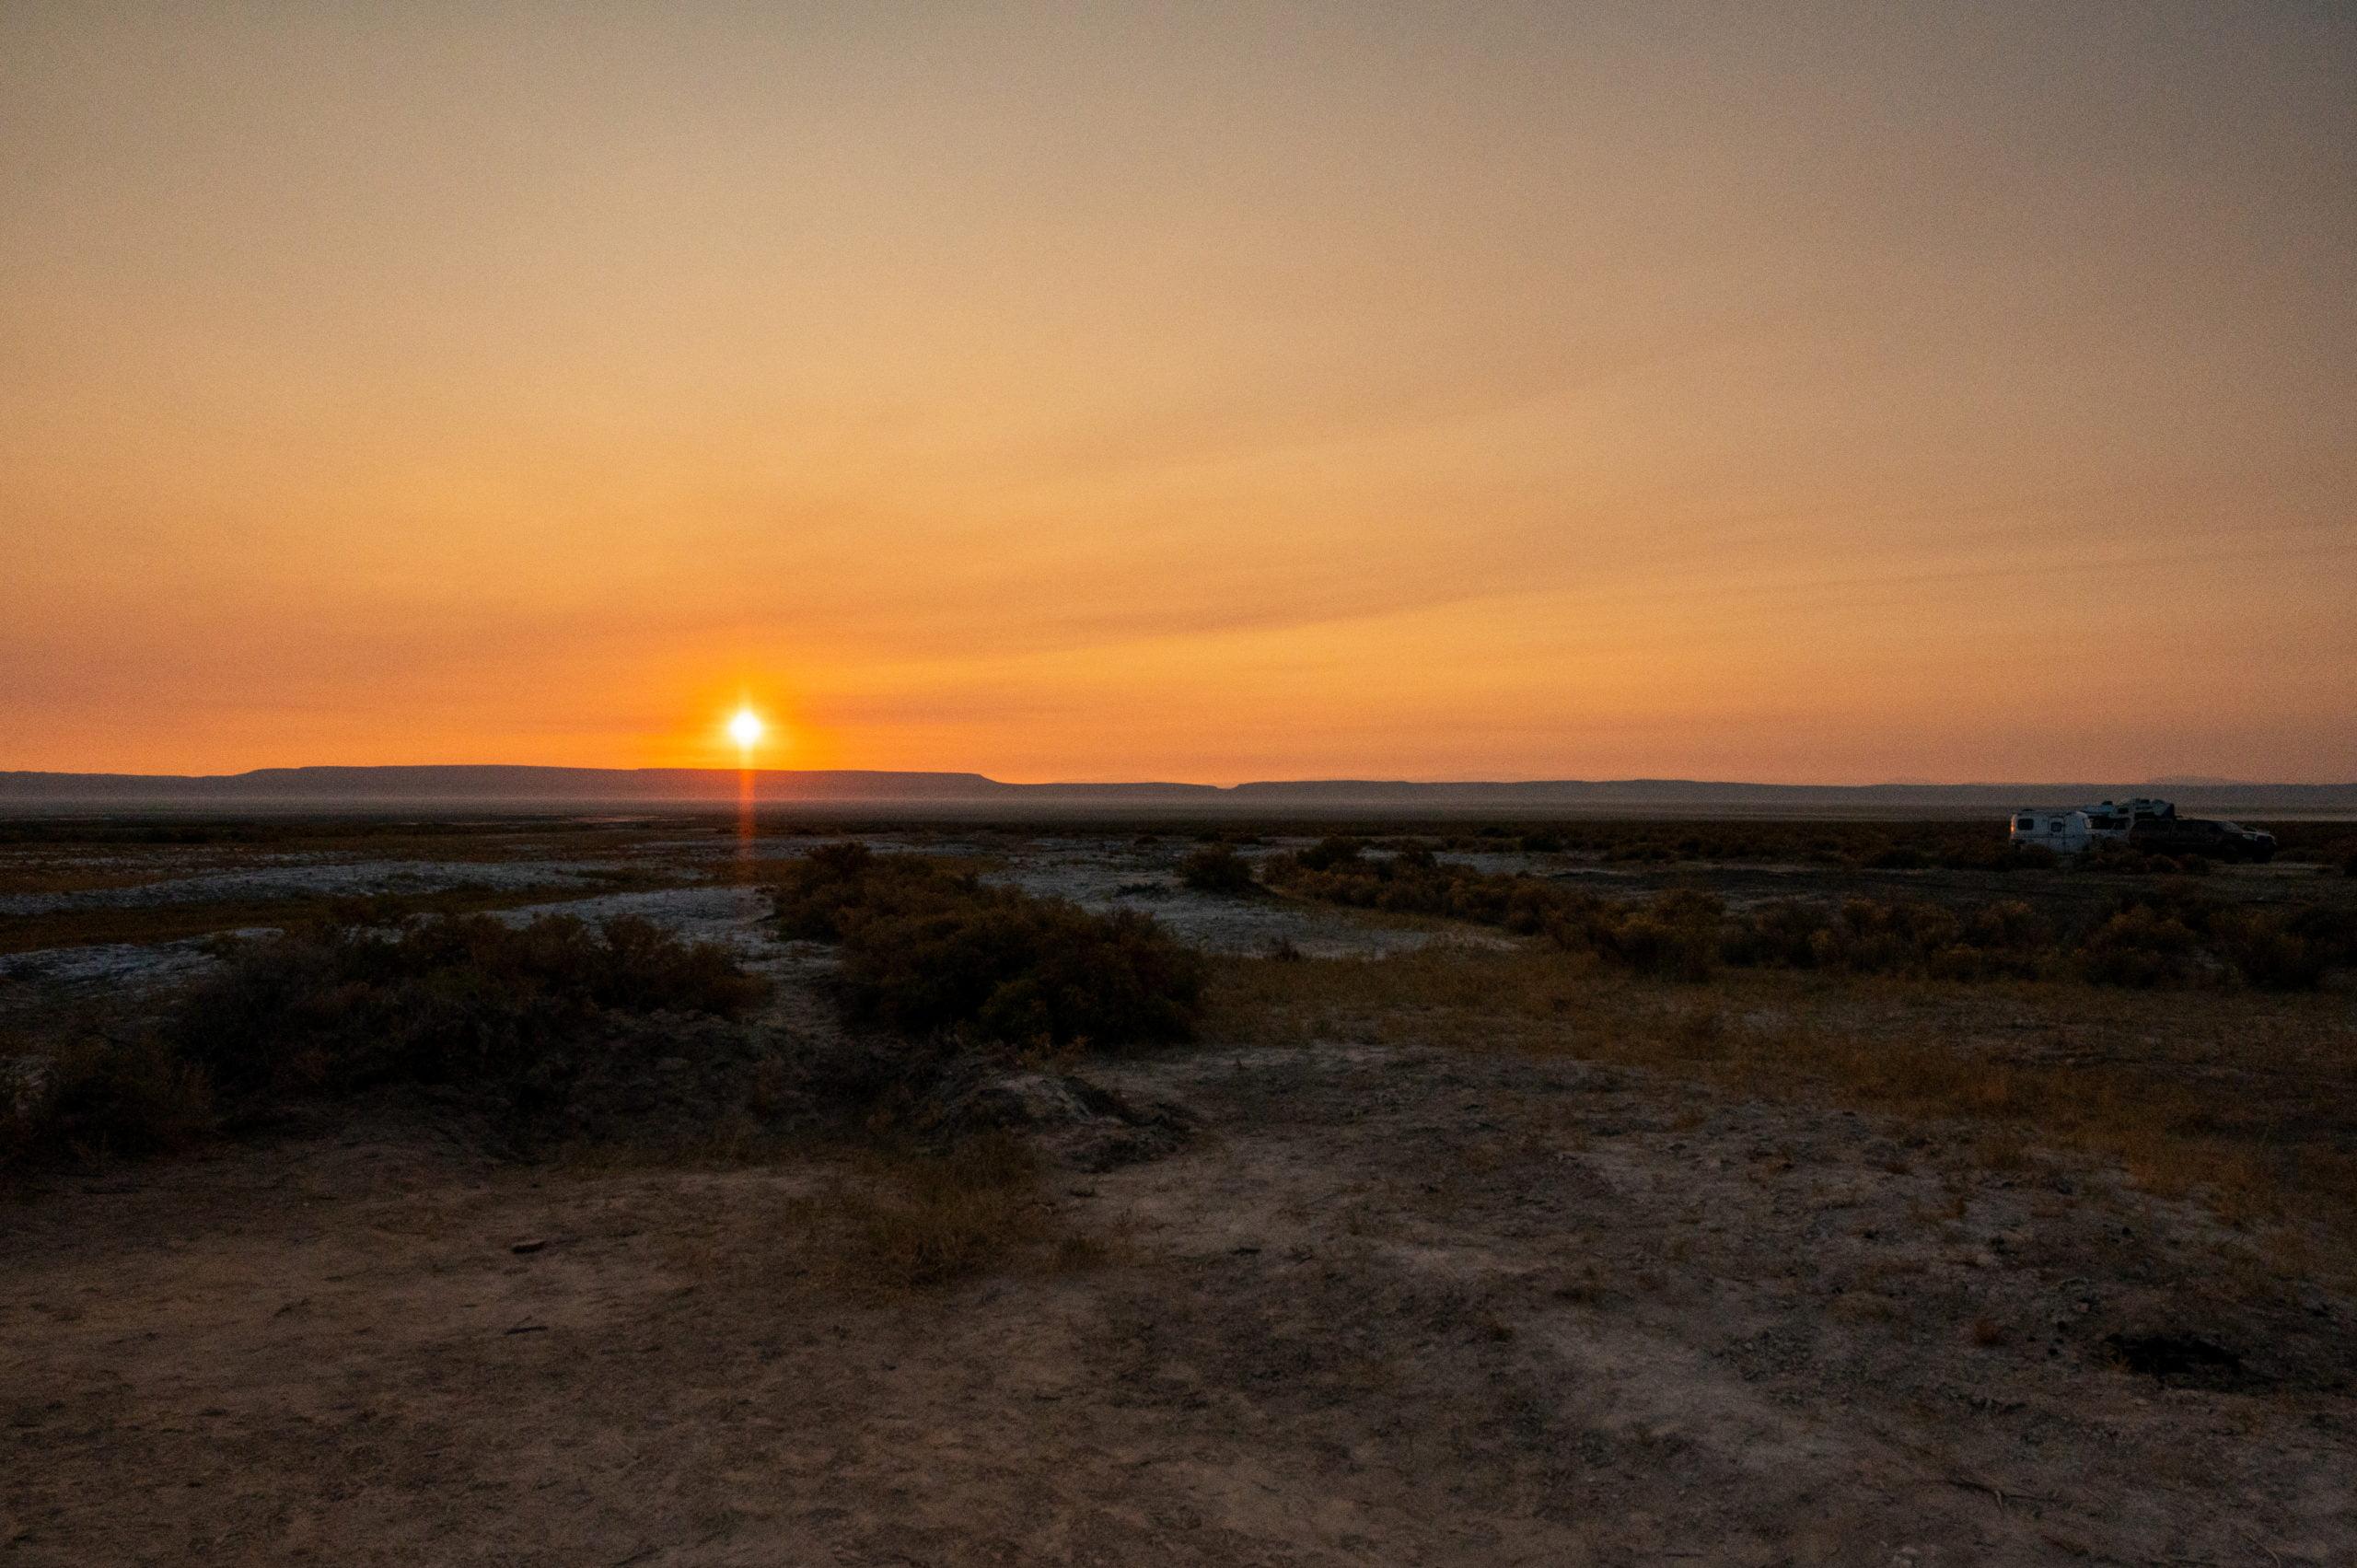 sunrise Alvord Desert